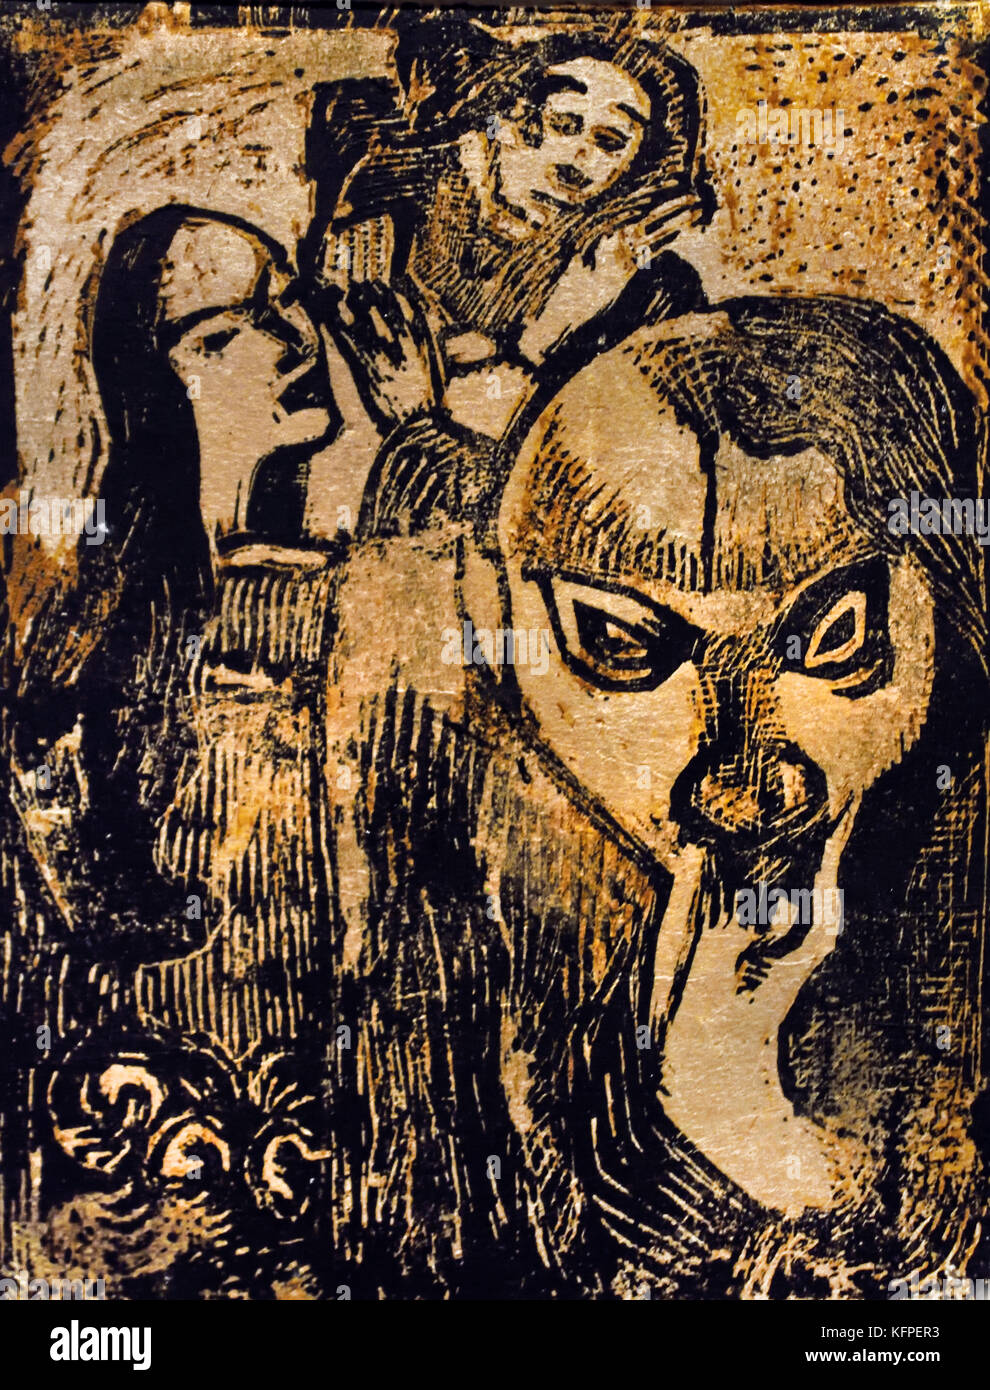 Souvenir de Meyer de Haan - Denken Sie daran, Meijer de Haan 1896 Paul Gauguin - Eugène Henri Paul Gauguin Stockbild